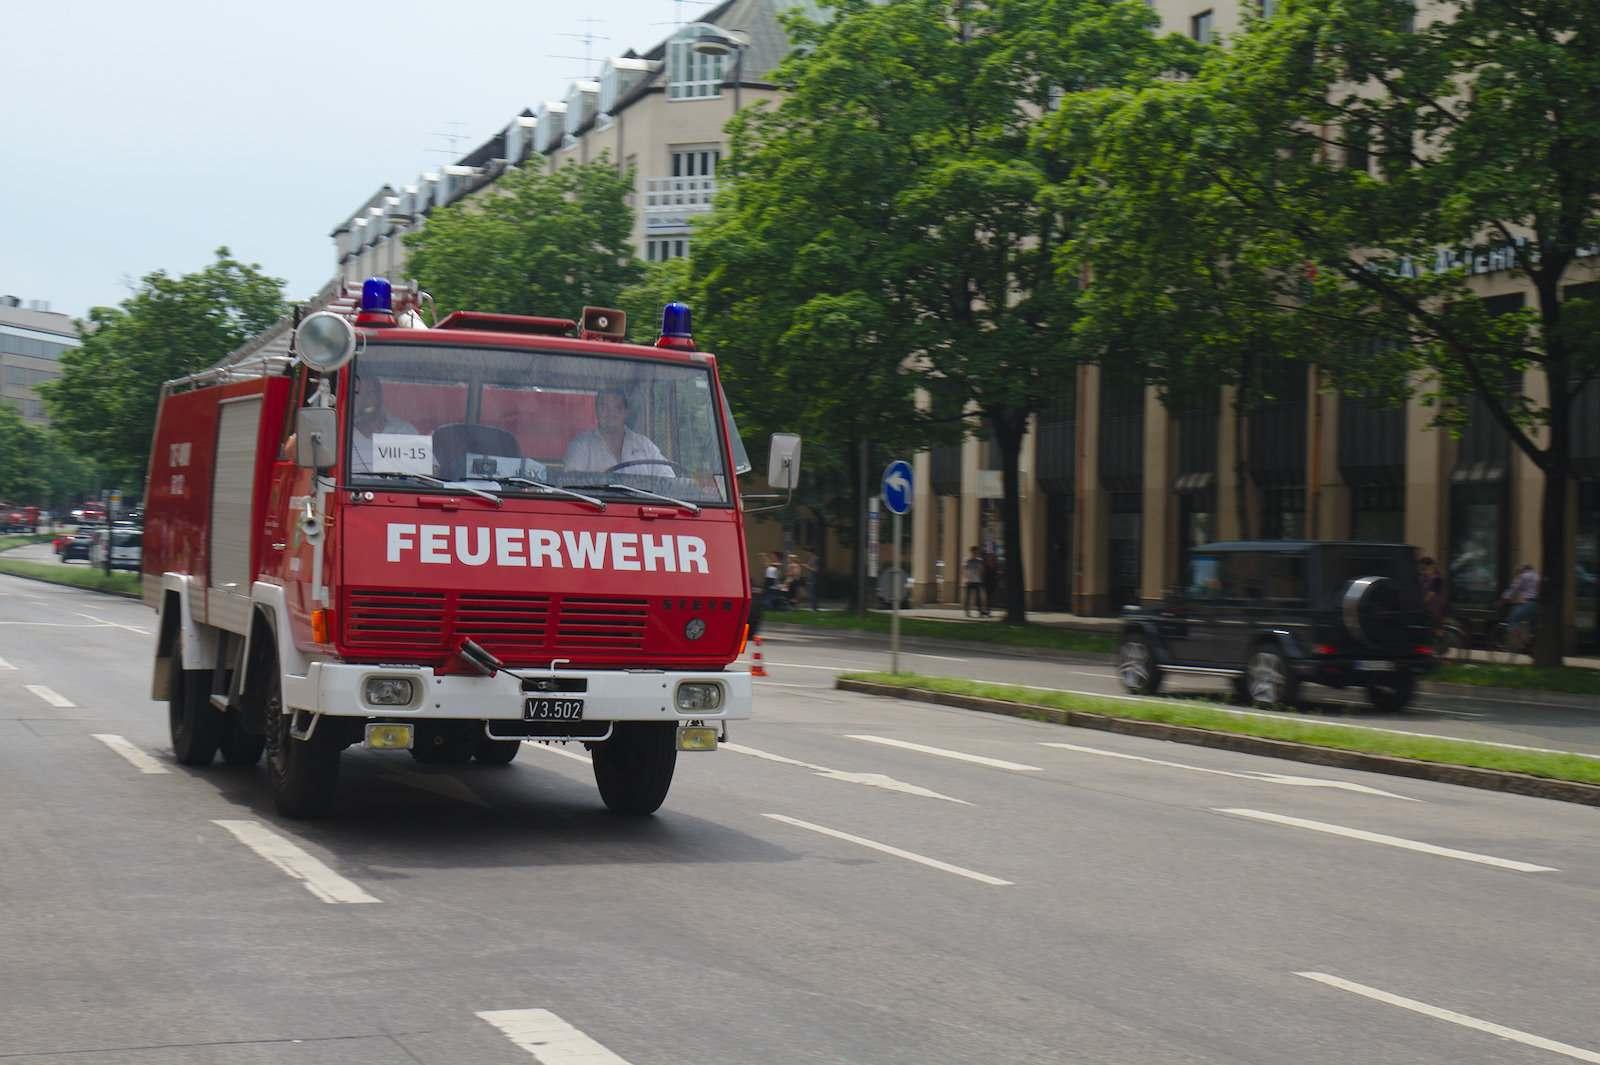 volunteer fire department11 150 Years Volunteer Fire Department in Munich